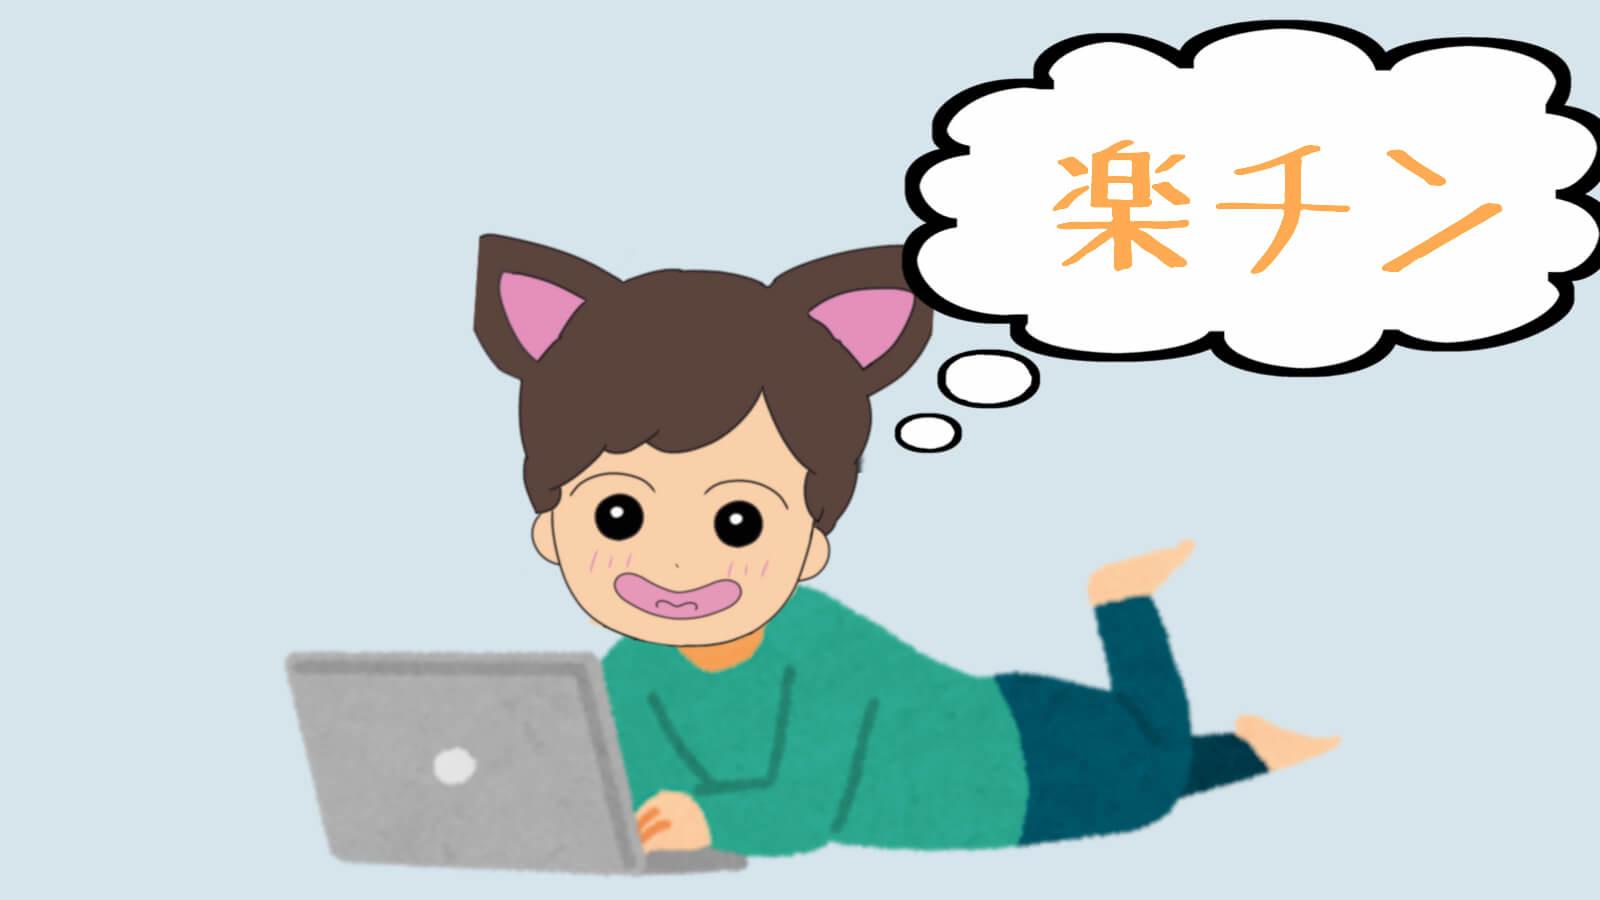 【効率化】記事の更新頻度を上げるために、ブログの執筆時間を減らしたい(手順の整理)